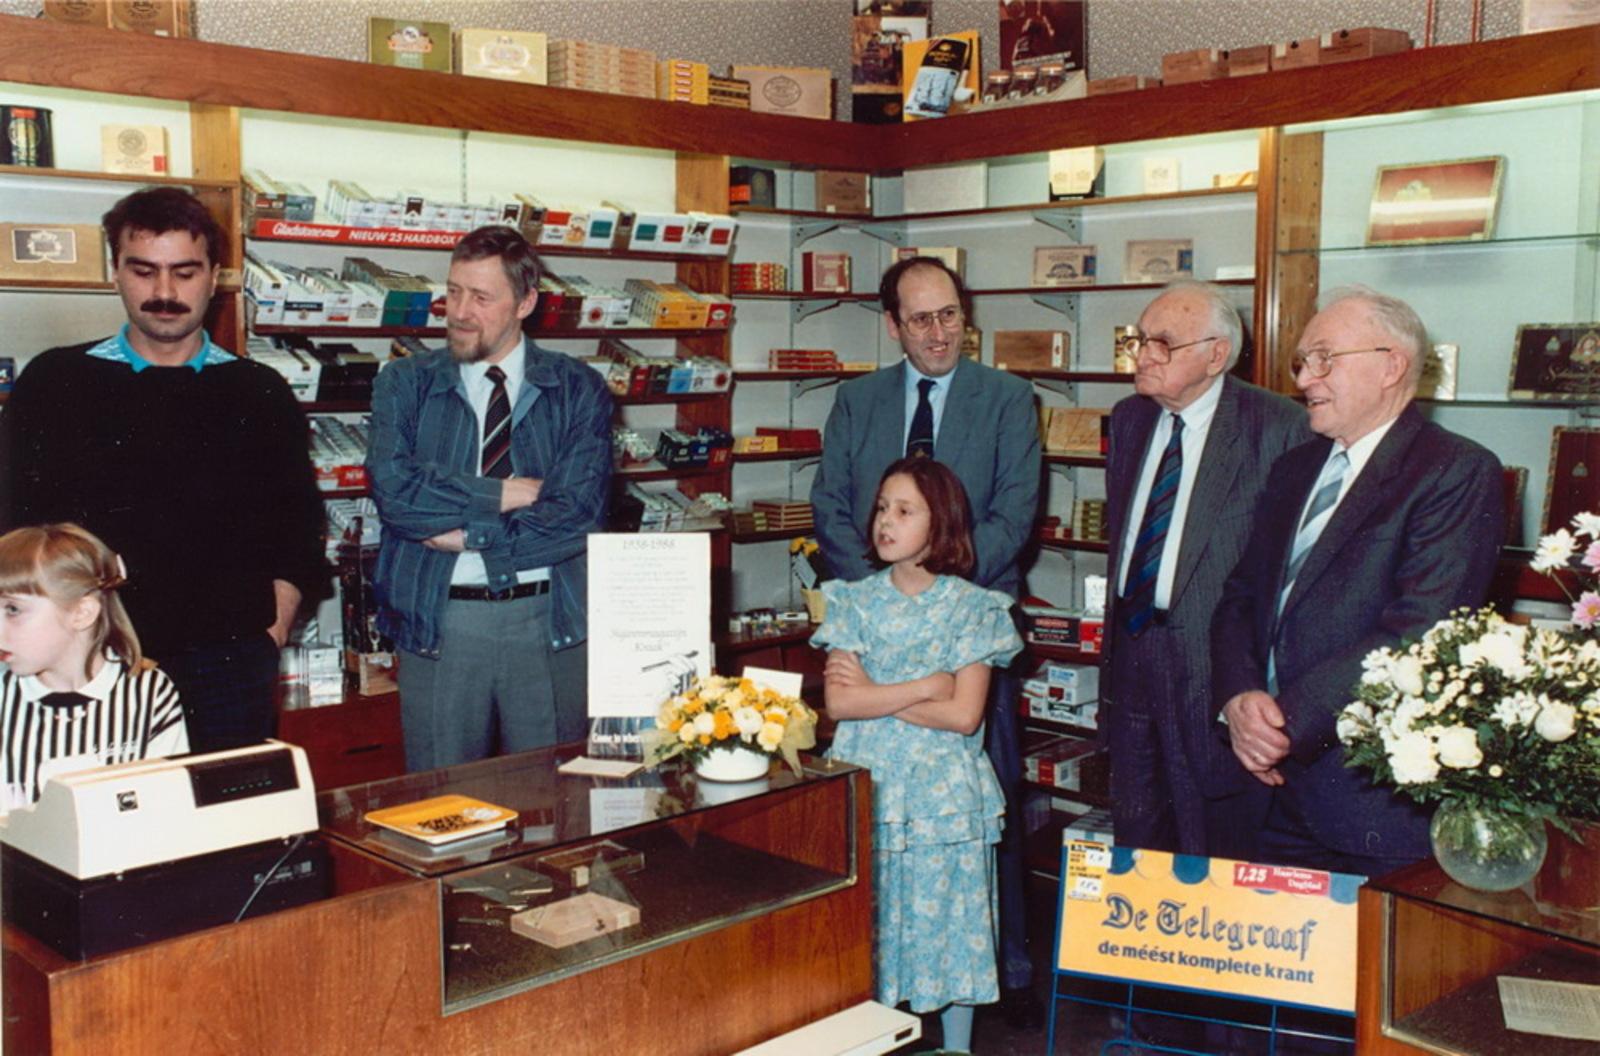 Marktlaan O 0022 1988 Sigarenboer Kraak 50jr Jub en Sluiting 22